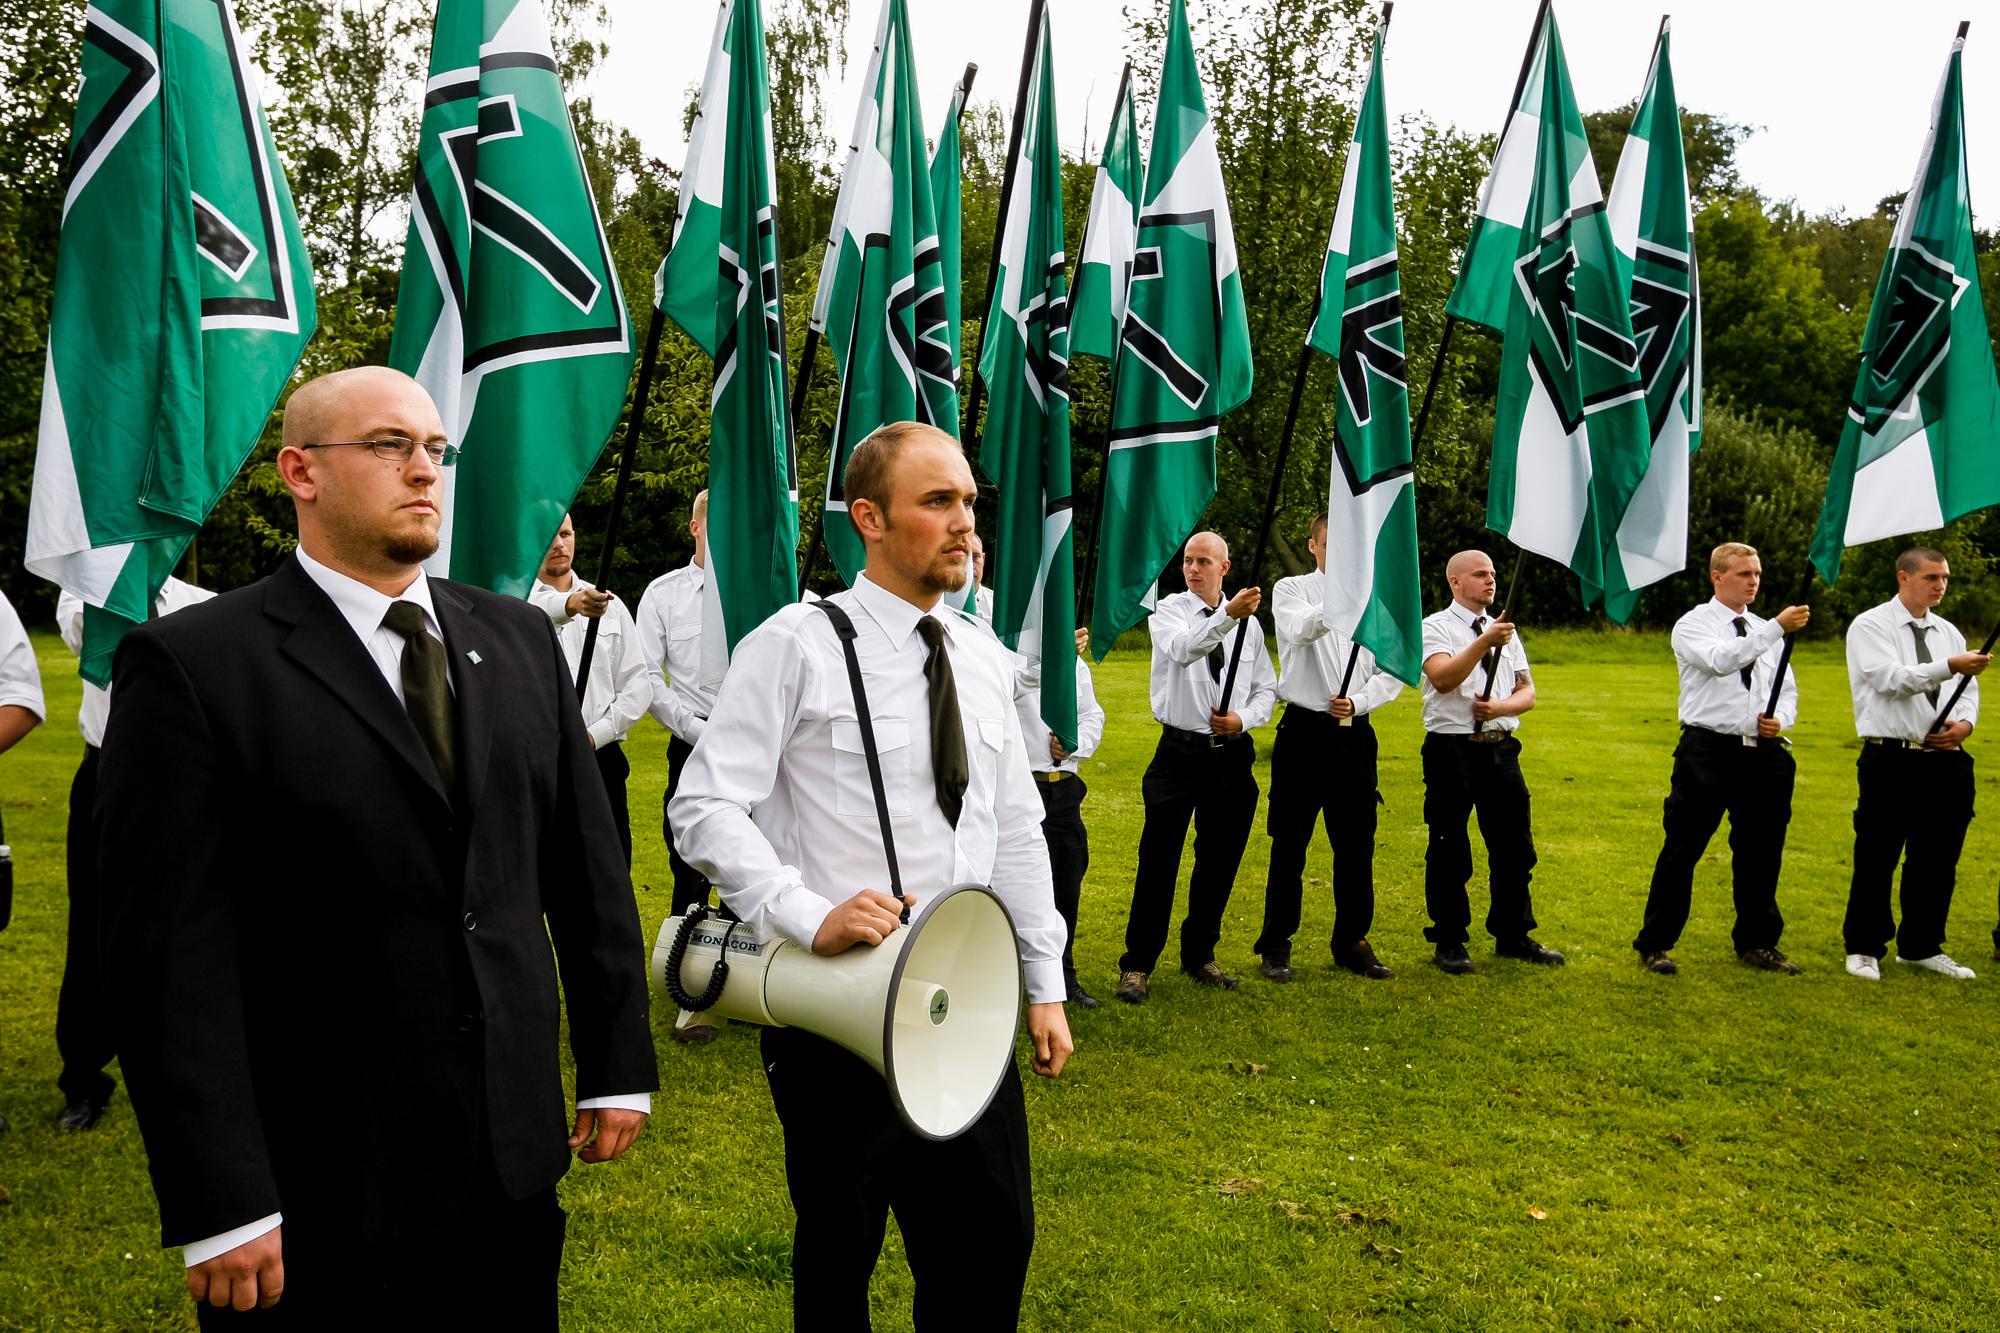 SMR-lederen Magnus Söderman ses her ved DNSB's Hess-march i Kolding i 2007. Han forlod senere organisationen til fordel for Svenskarnas Parti. Foto: Redox.